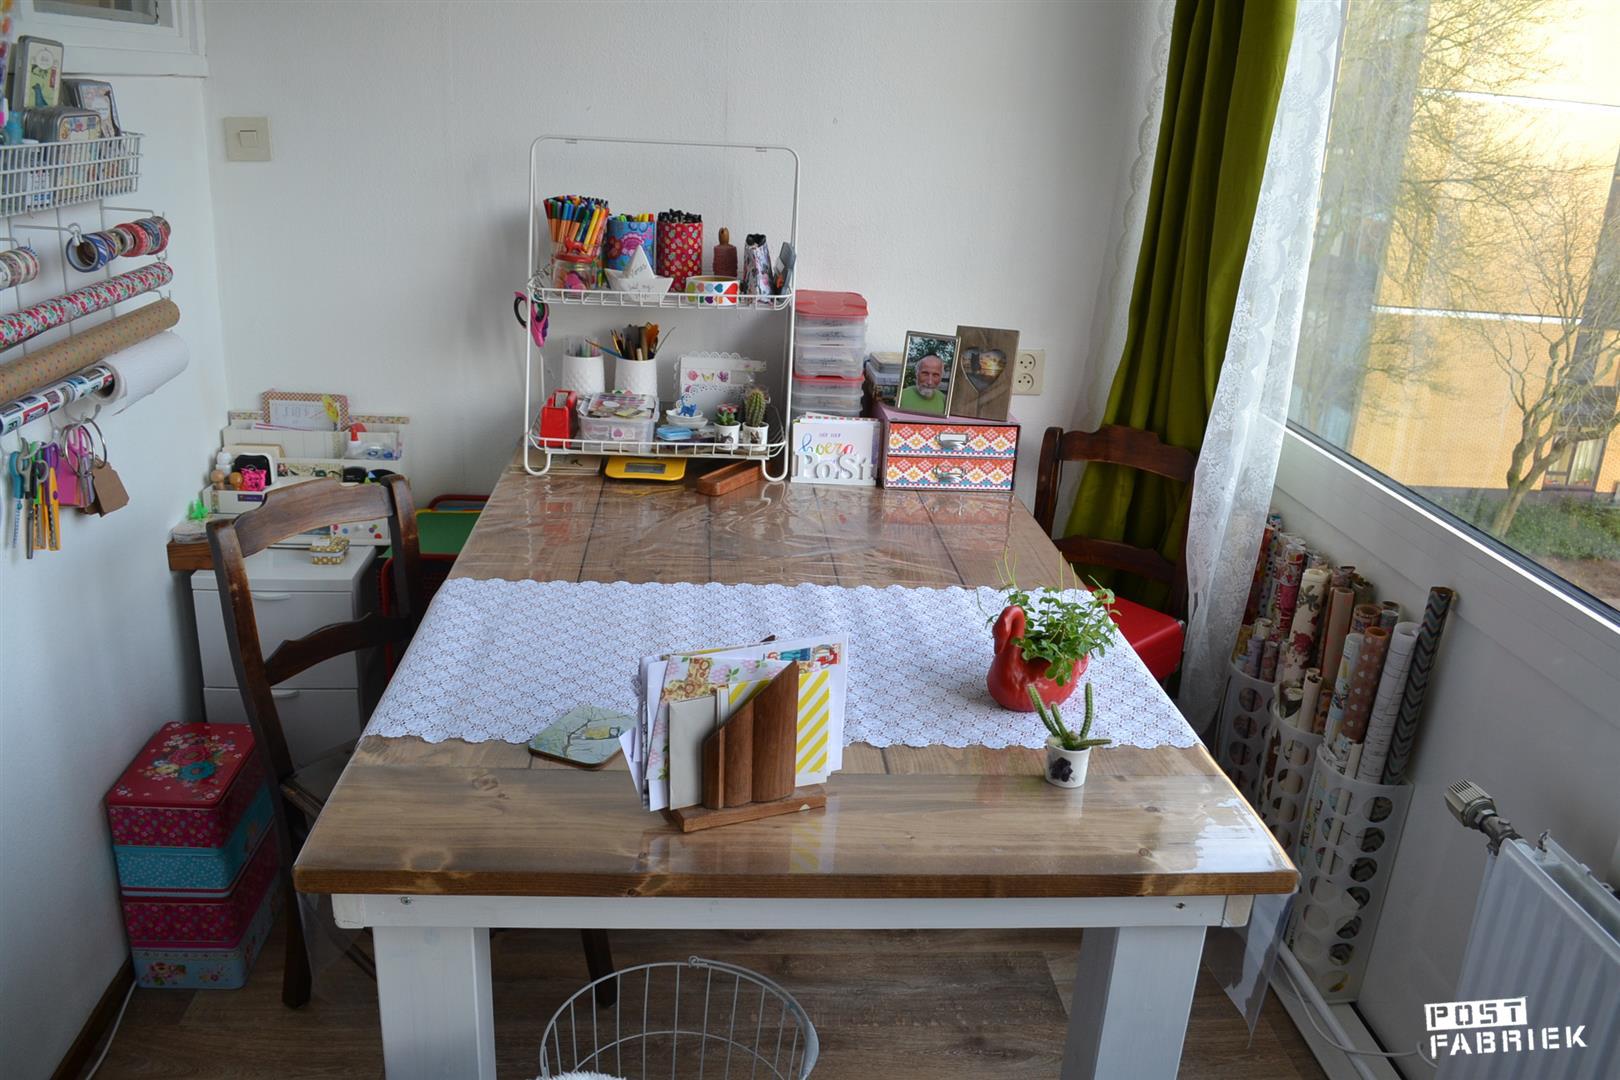 Mijn steigerhouten tafel van 160x100